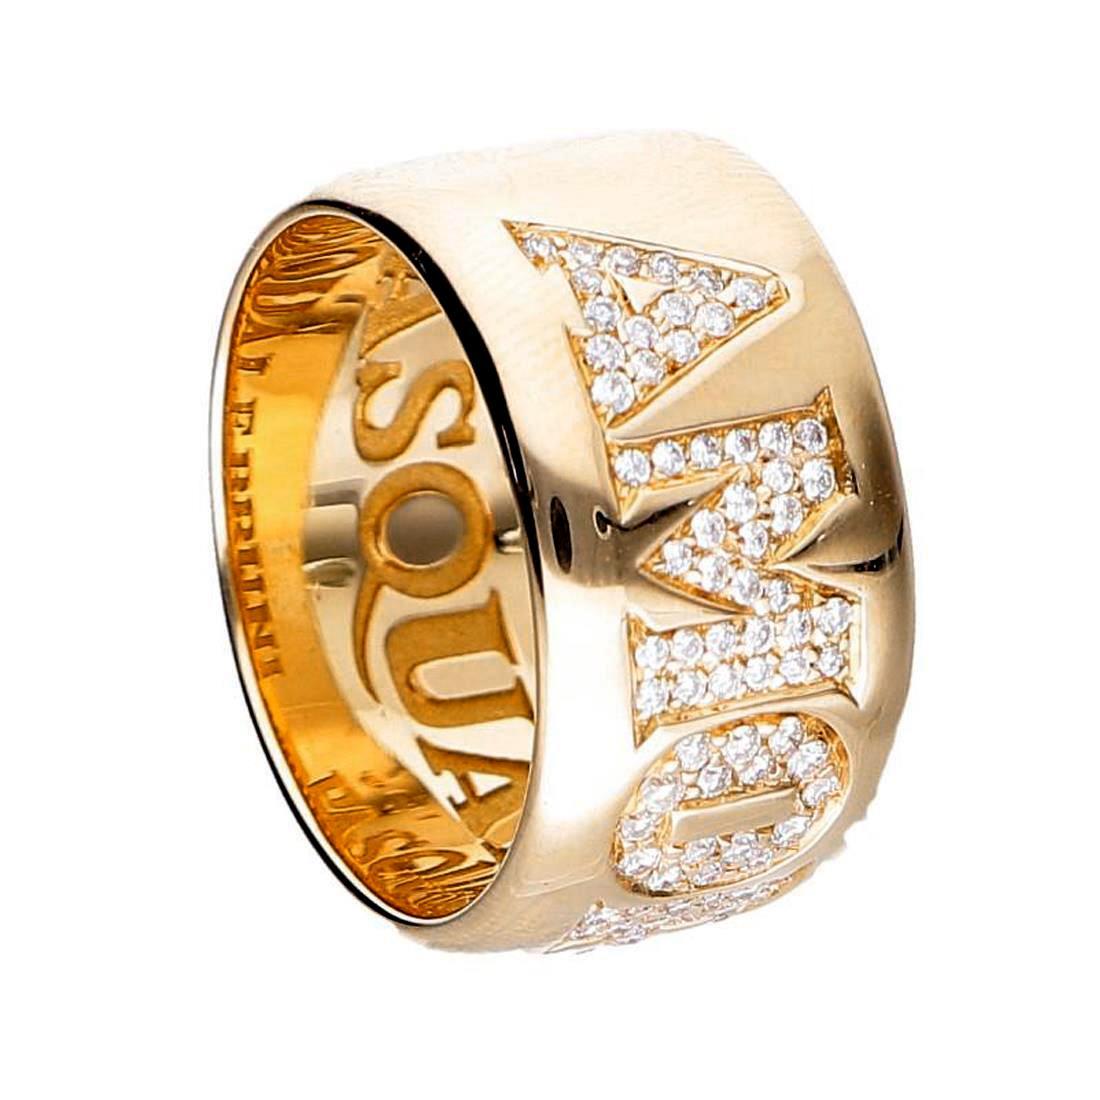 Anello a fascia con diamanti - PASQUALE BRUNI